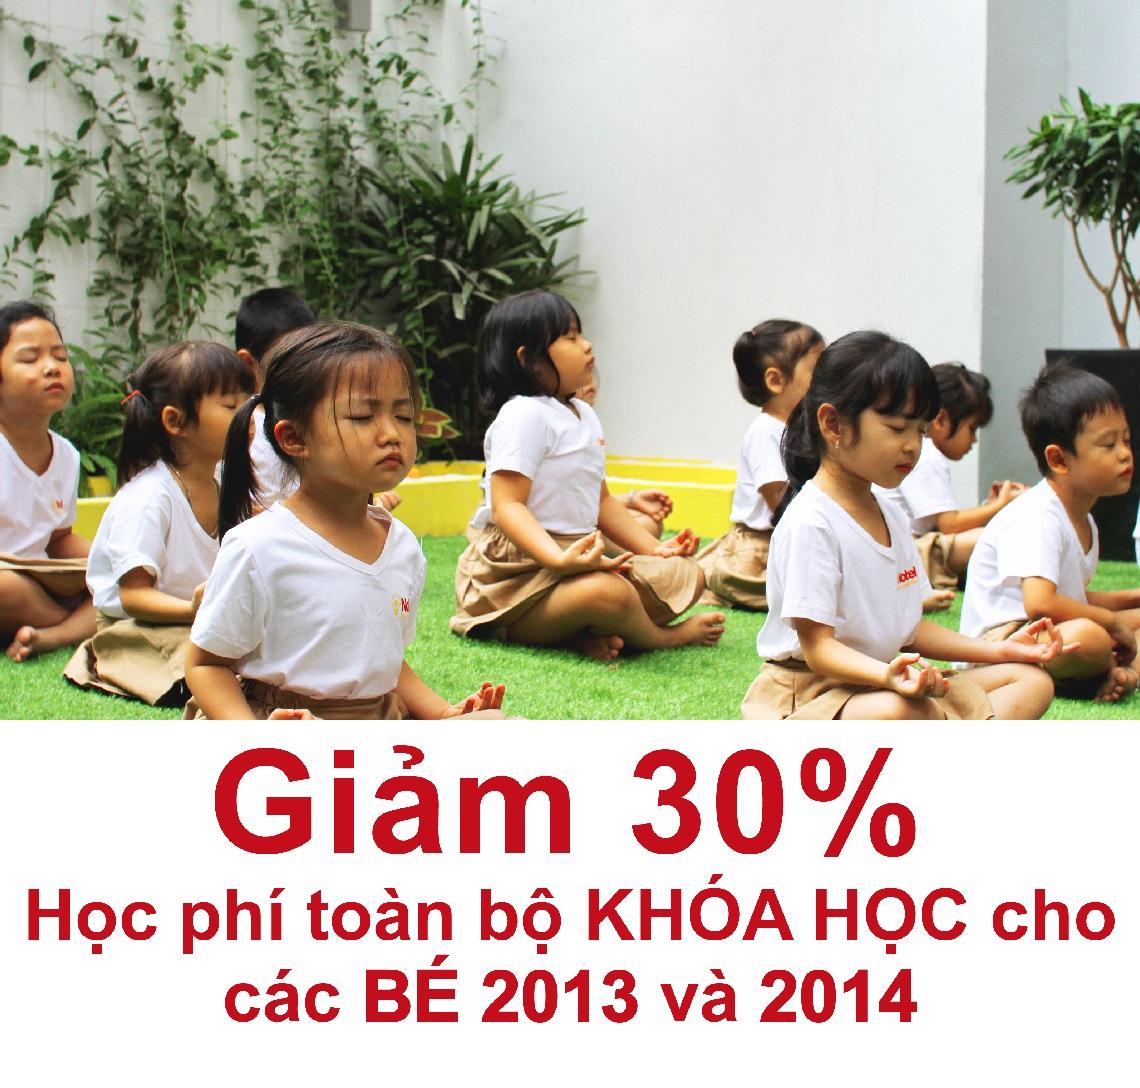 ƯU ĐÃI TUYỂN SINH ĐẶC BIỆT CHO CÁC BÉ SINH NĂM 2013 - 2014